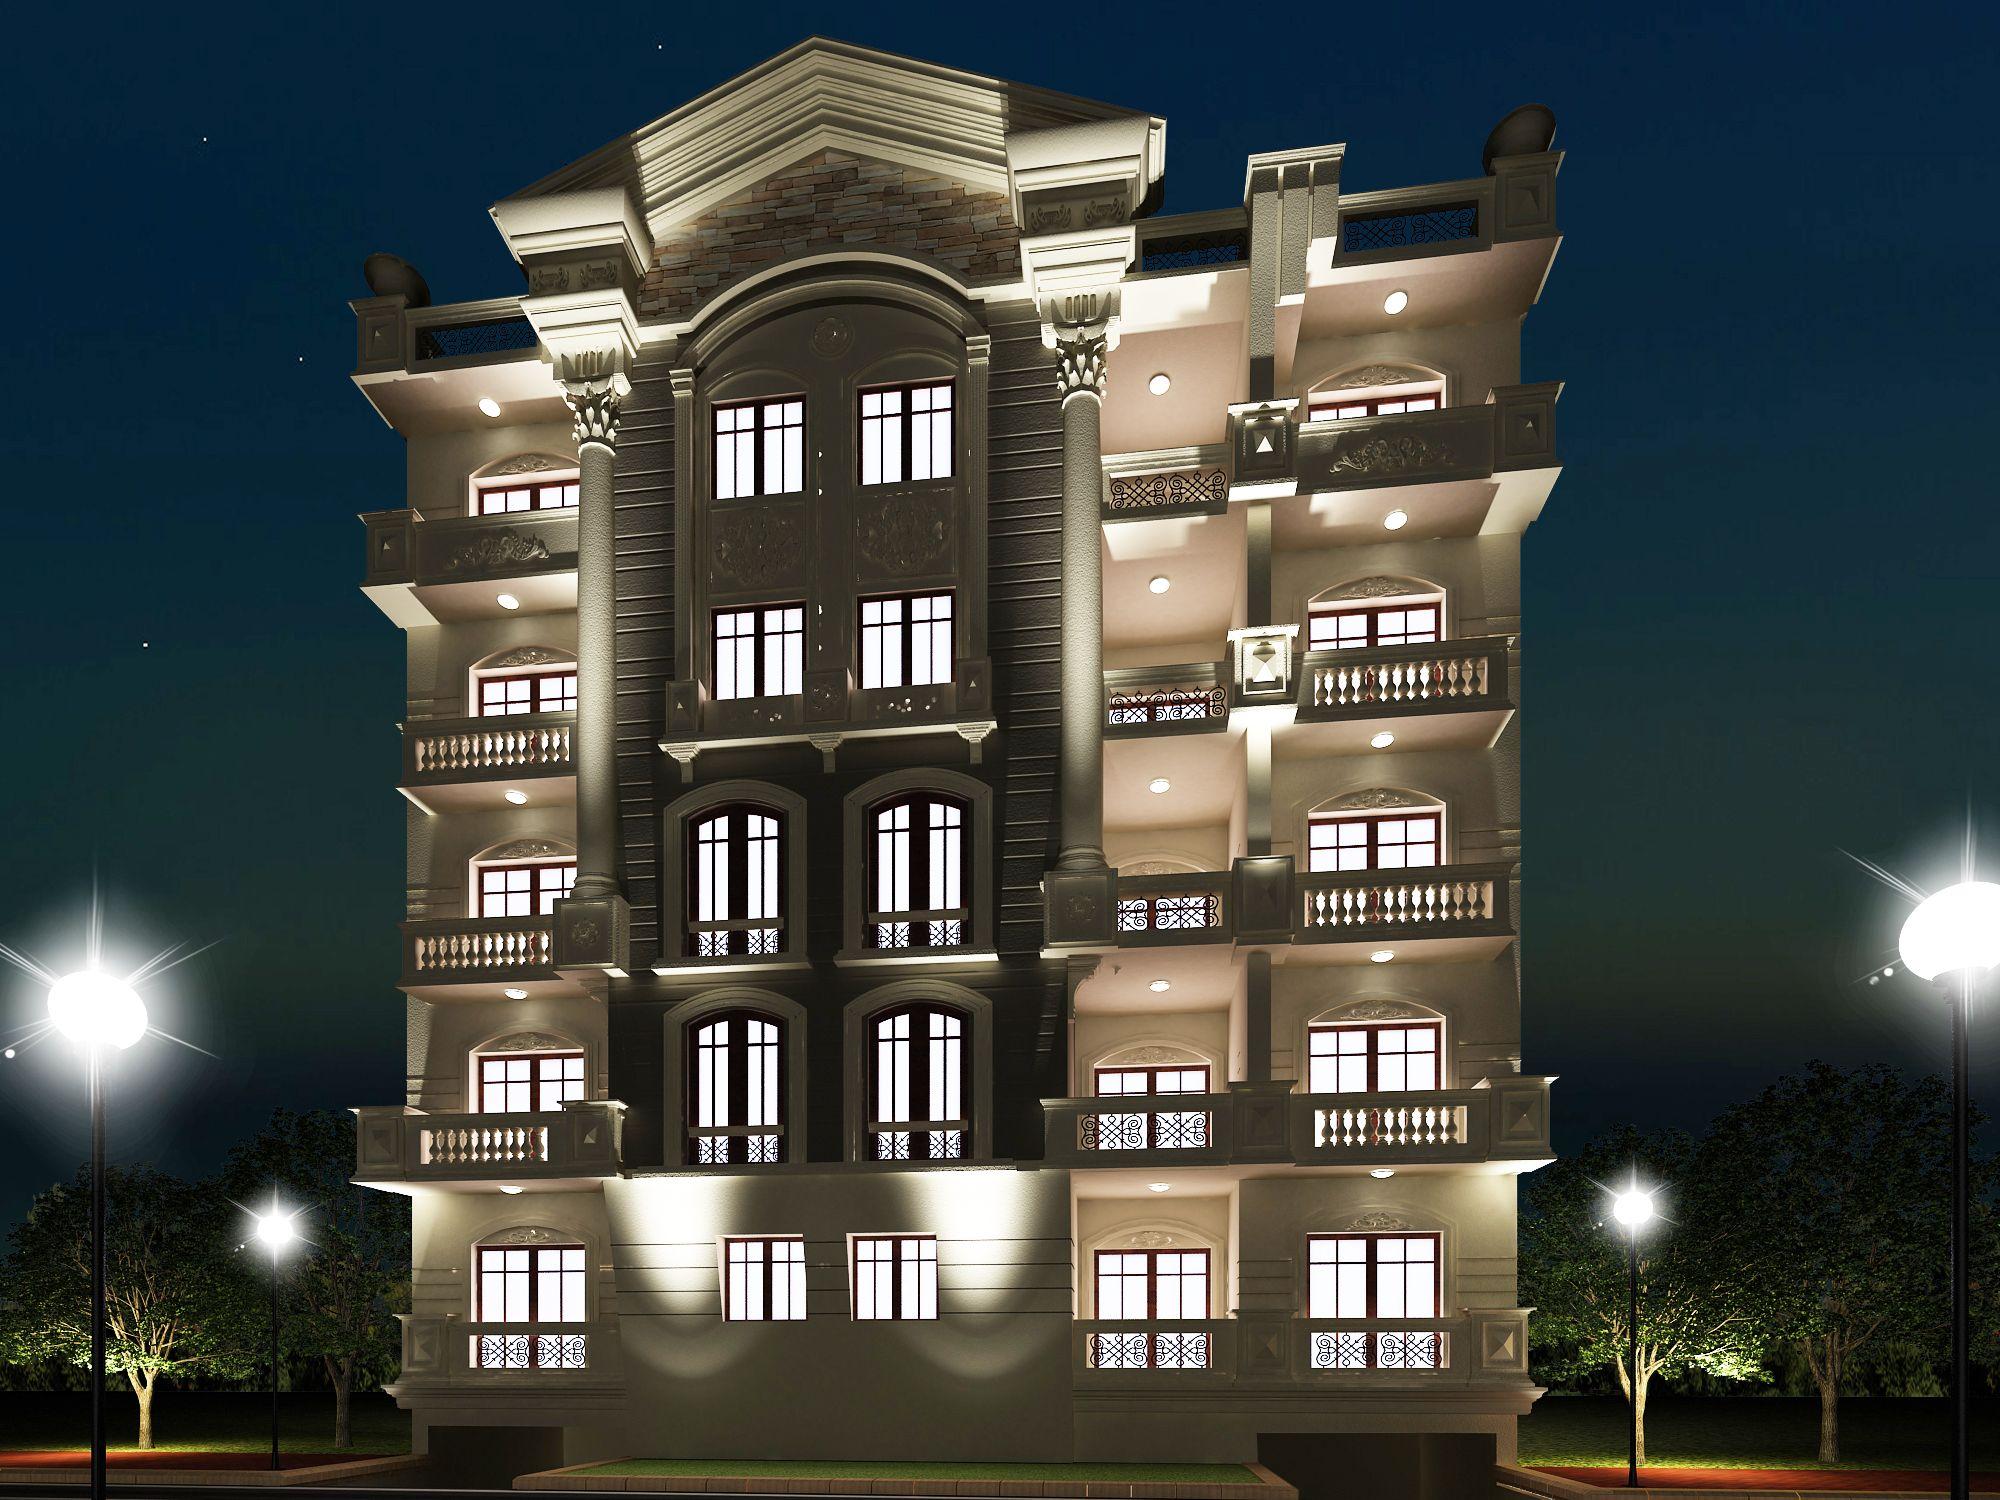 شقق للبيع في التجمع الخامس 2016 في القاهرة الجديدة 2016 176417 فرصة House Styles Apartments For Sale Mansions